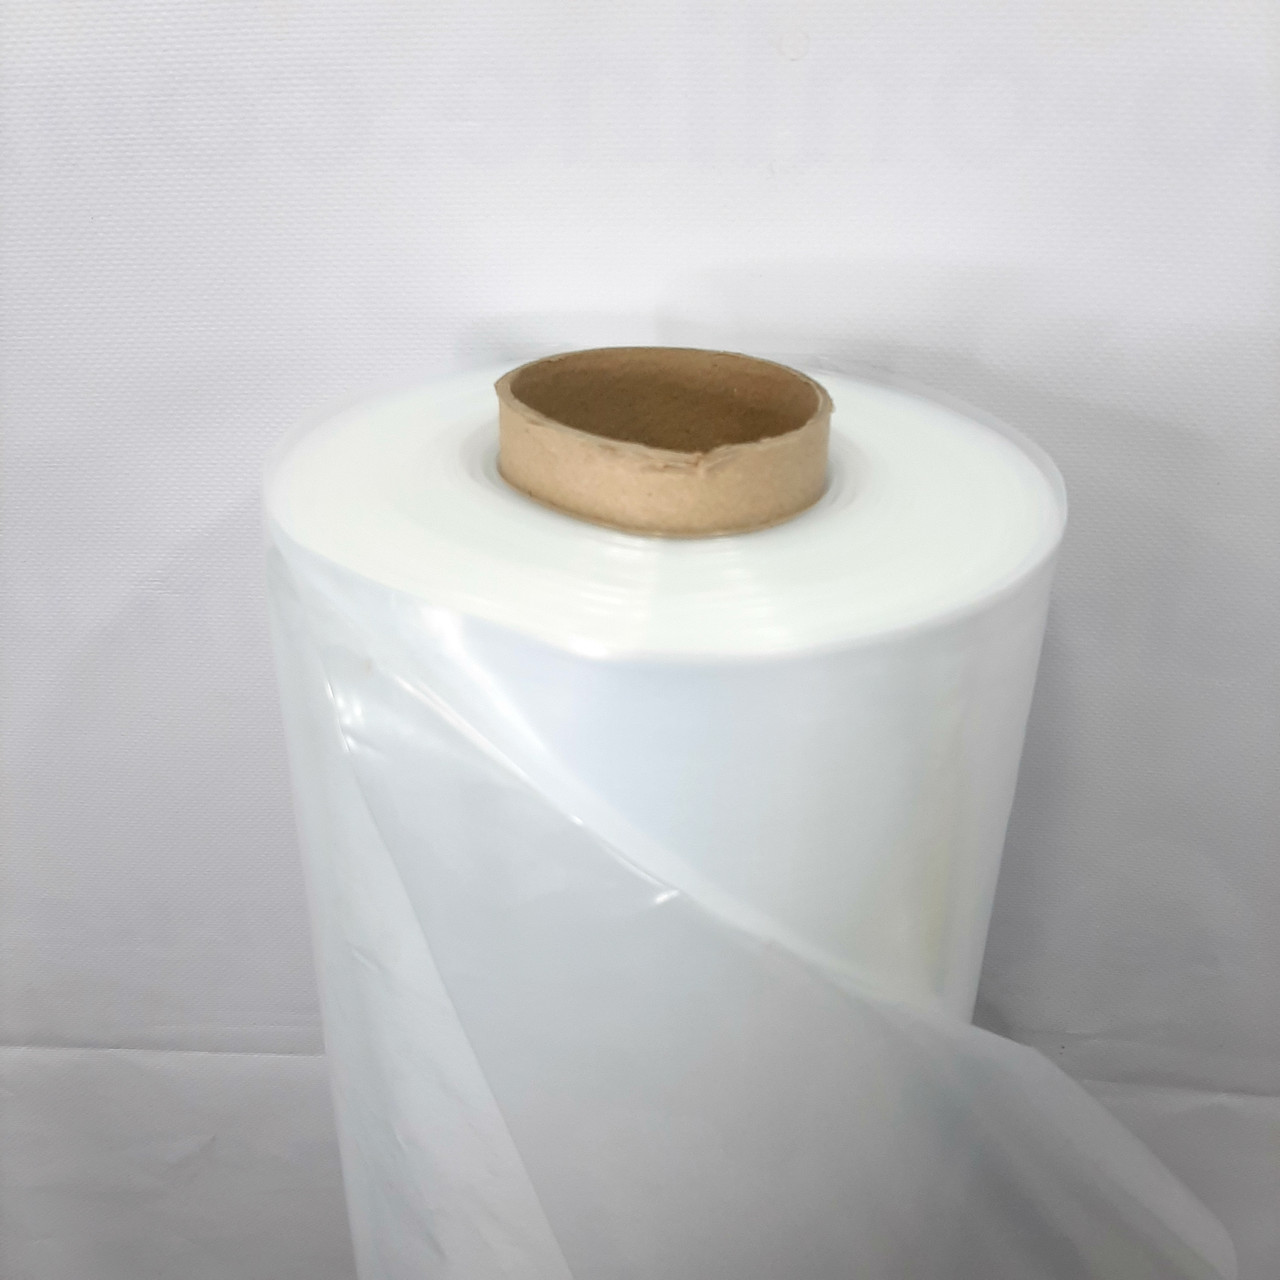 Пленка тепличная (белая), 40мкм, 3м/100м. Прозрачная (парниковая, полиэтиленовая).